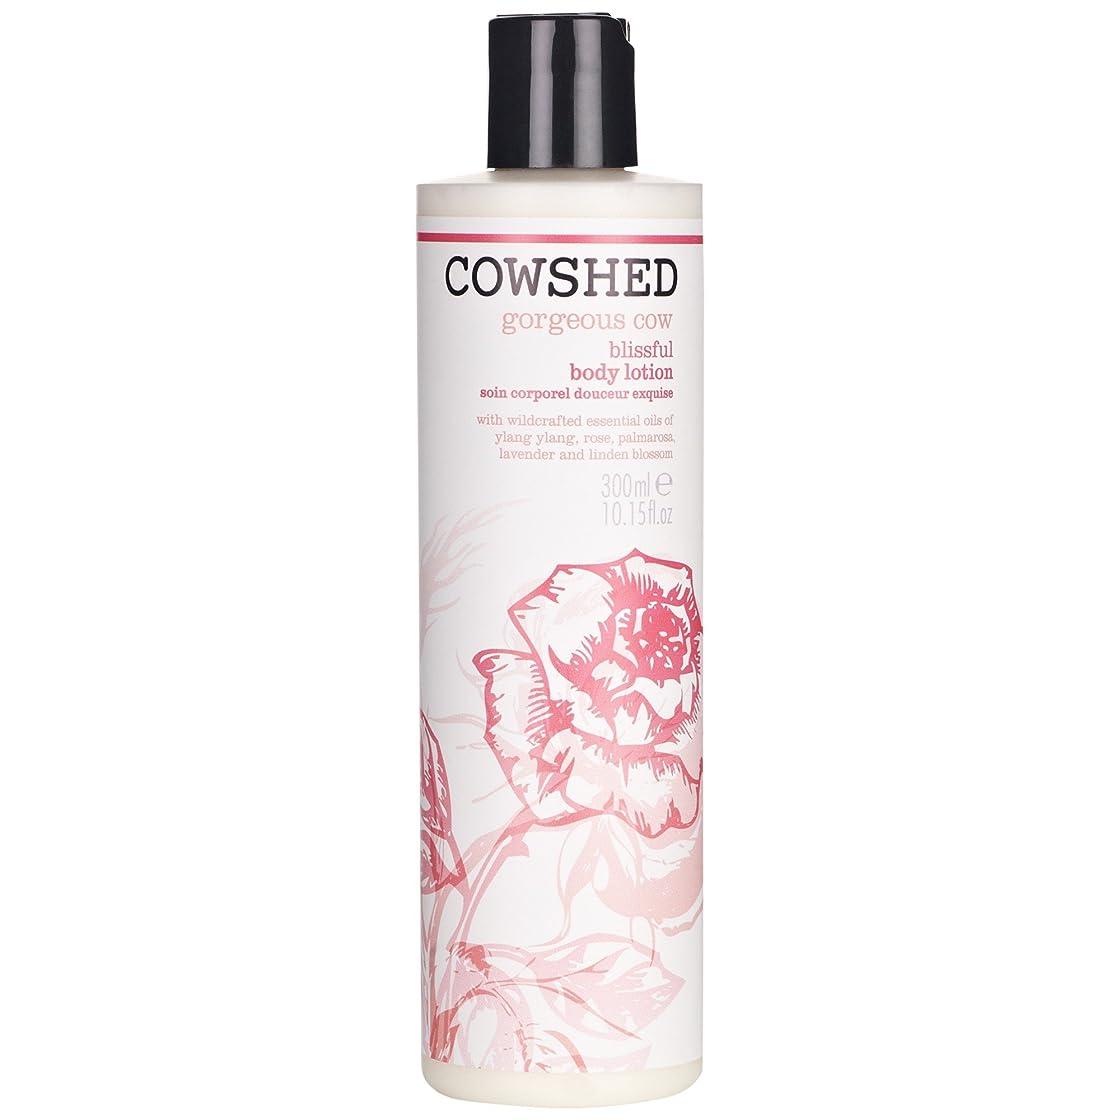 埋める血色の良い広範囲に牛舎ゴージャスな牛のボディローション300ミリリットル (Cowshed) (x6) - Cowshed Gorgeous Cow Body Lotion 300ml (Pack of 6) [並行輸入品]